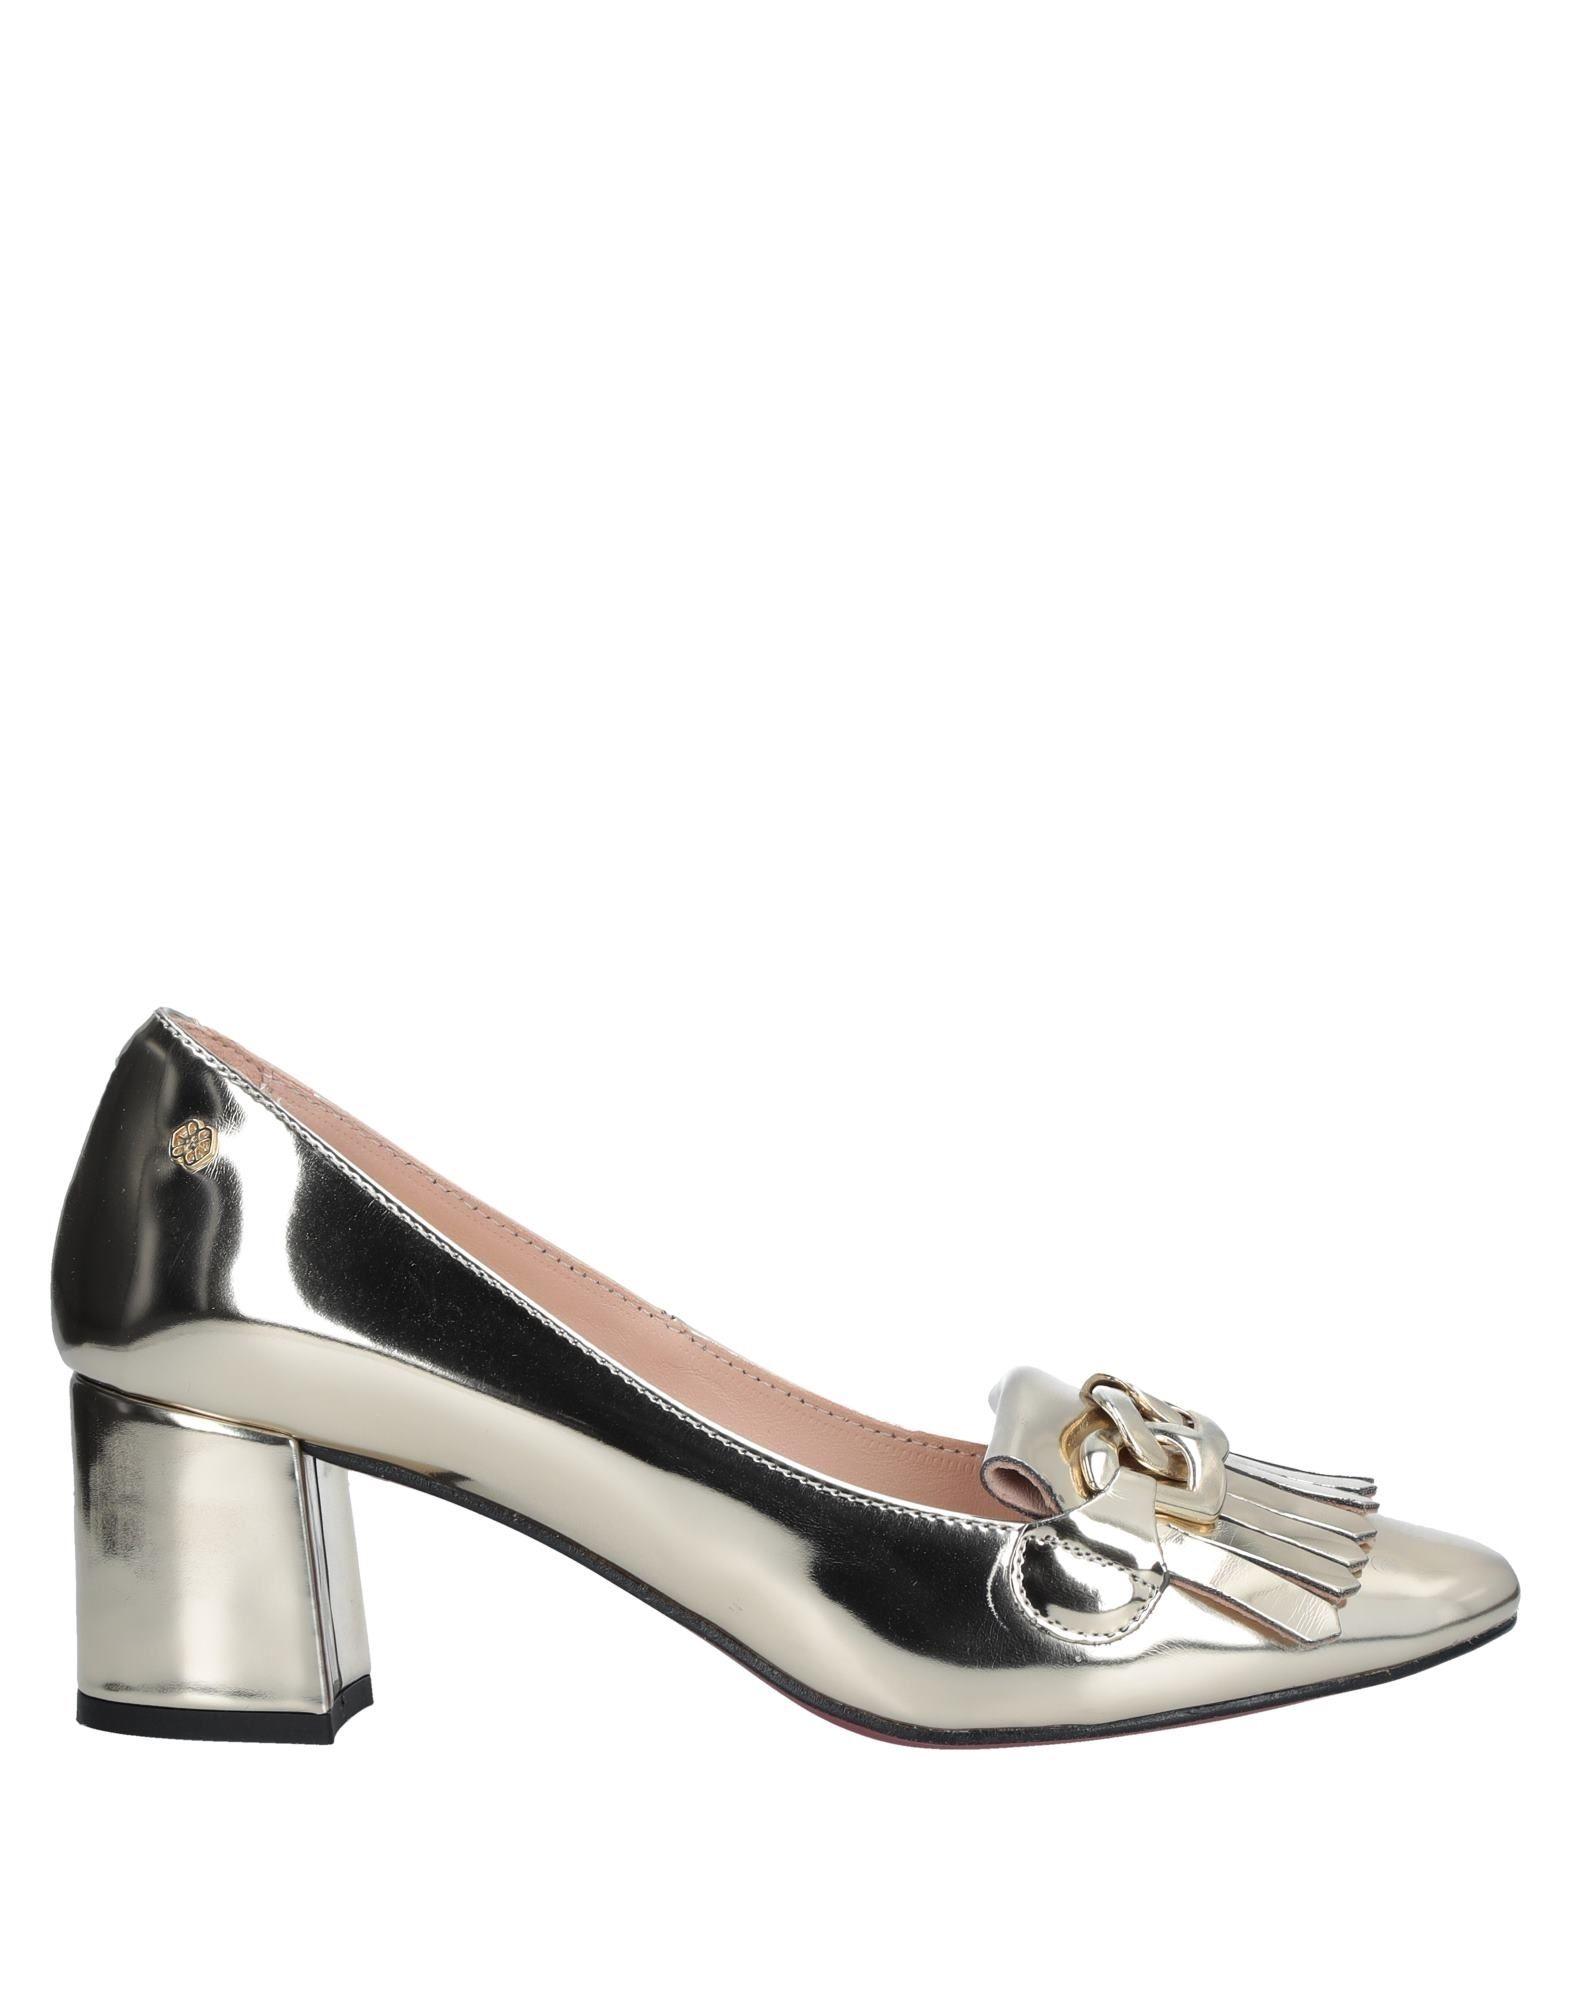 Cuplé Mokassins Damen  11542783MB Gute Qualität beliebte Schuhe Schuhe Schuhe 9a2fca